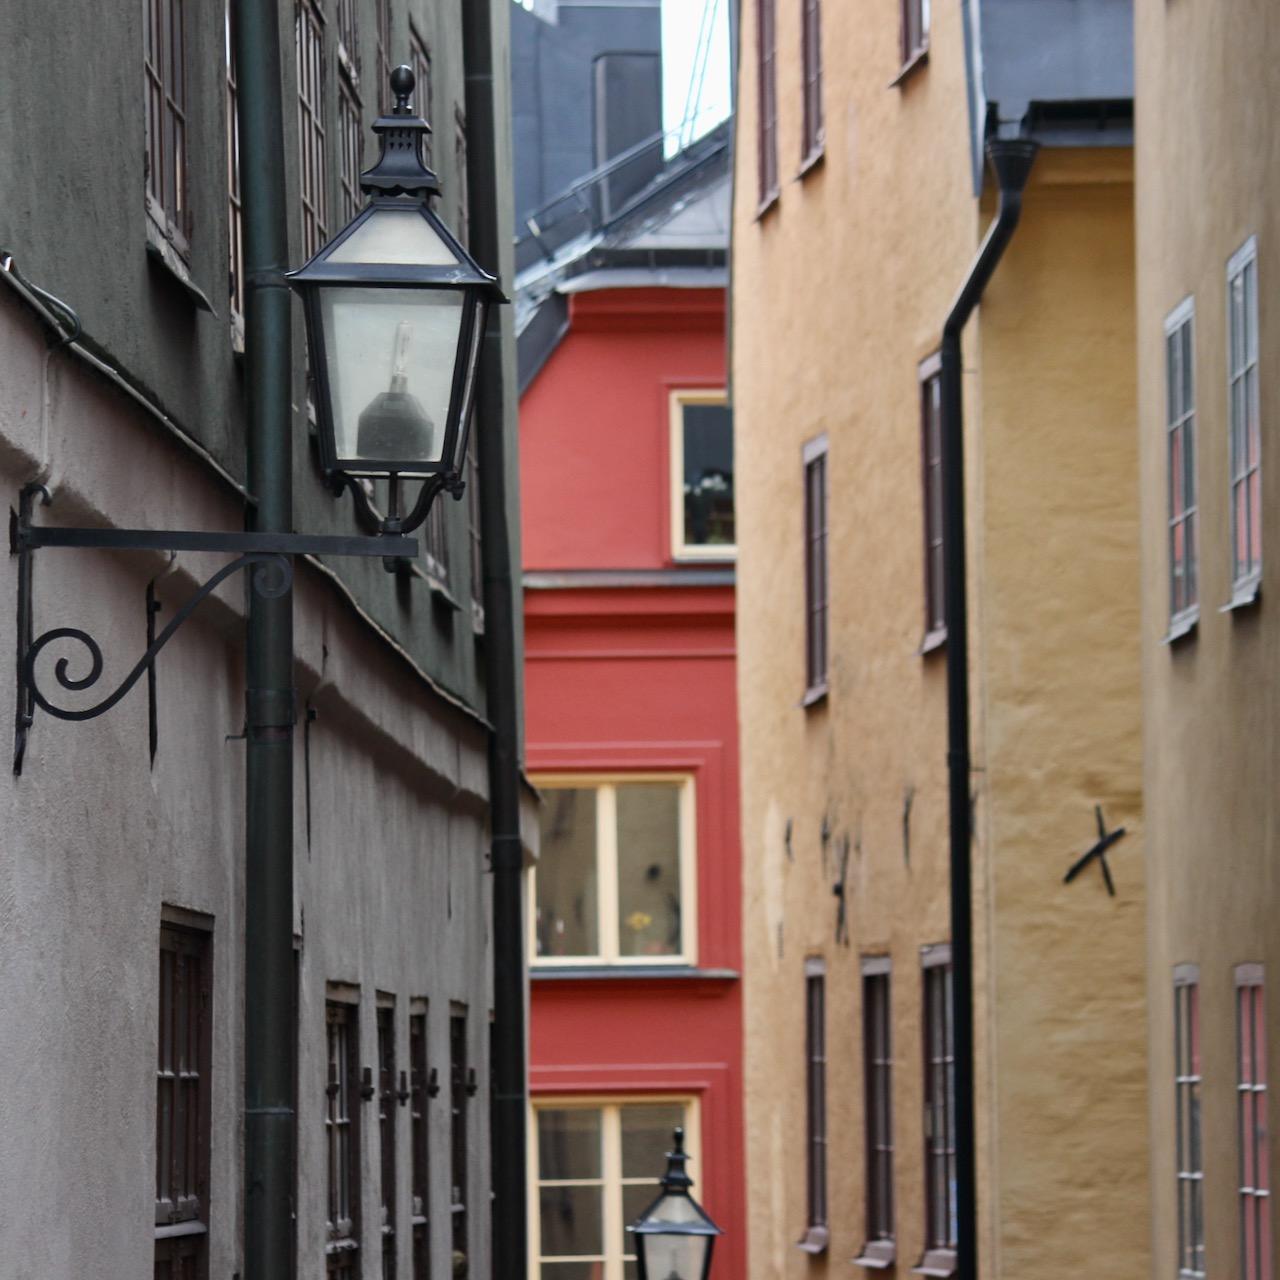 Stockholm, Sweden - 9